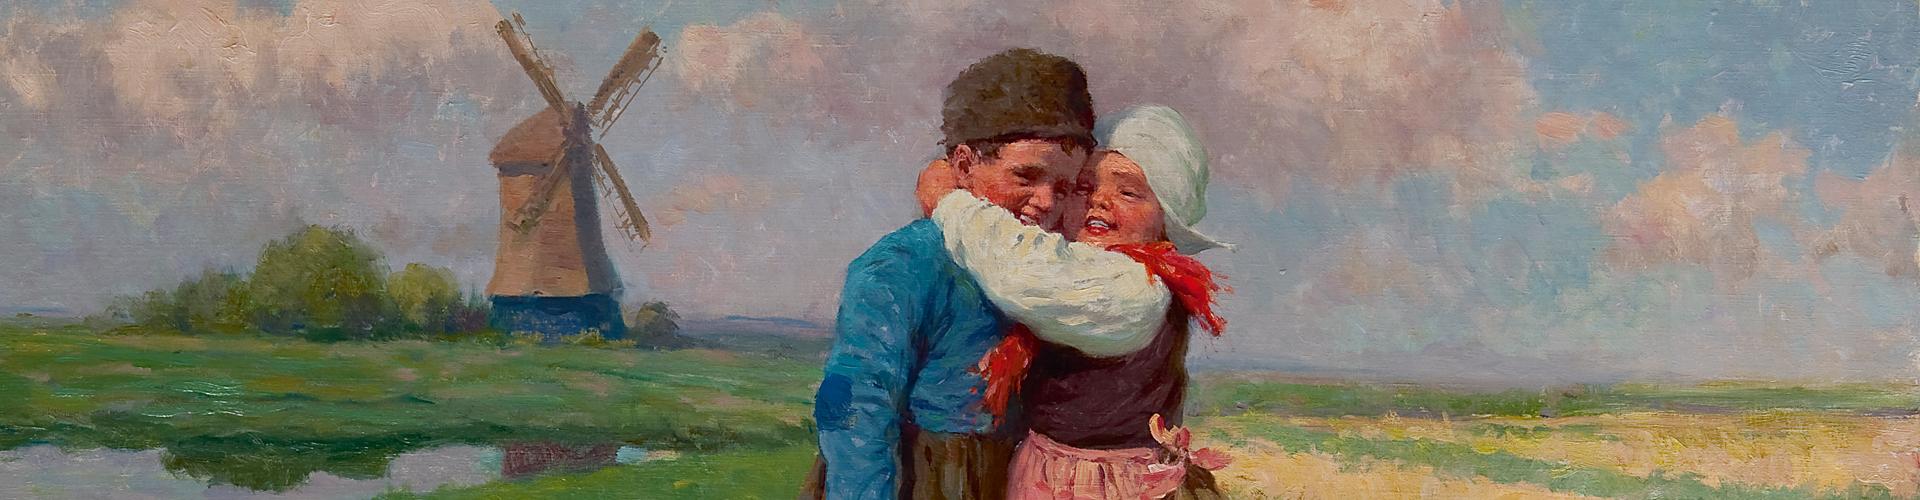 Liefde schilderij